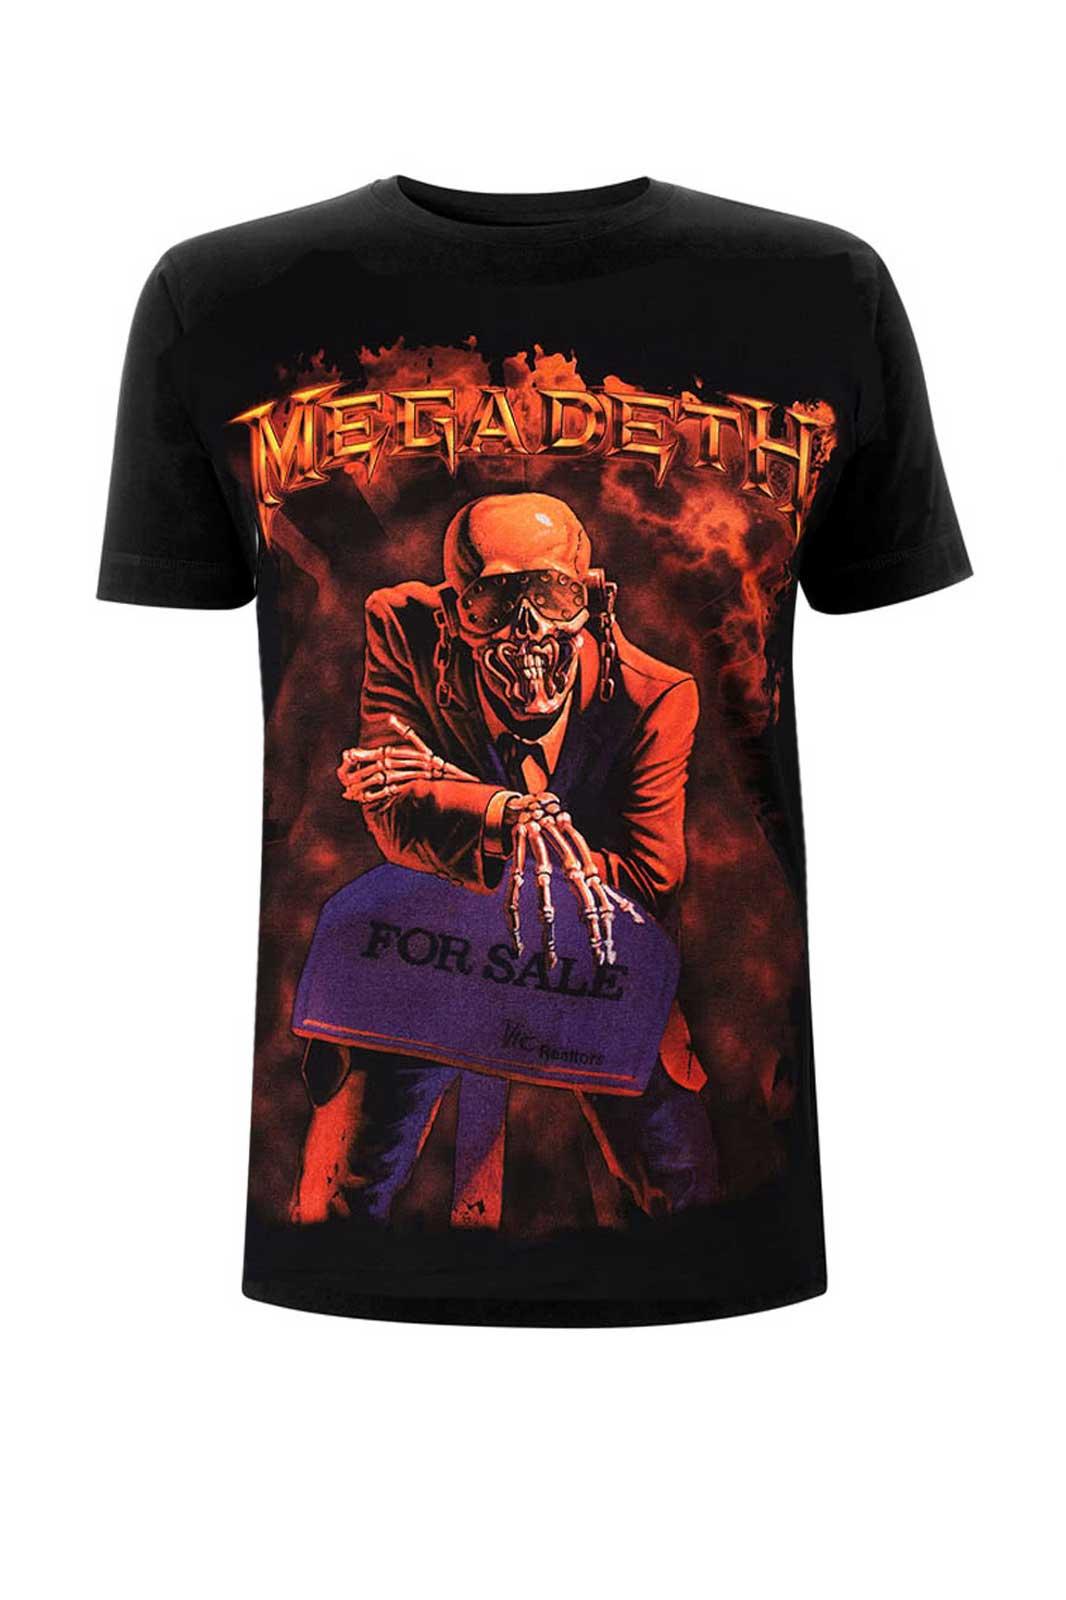 Tee Megadeth Peace Sells